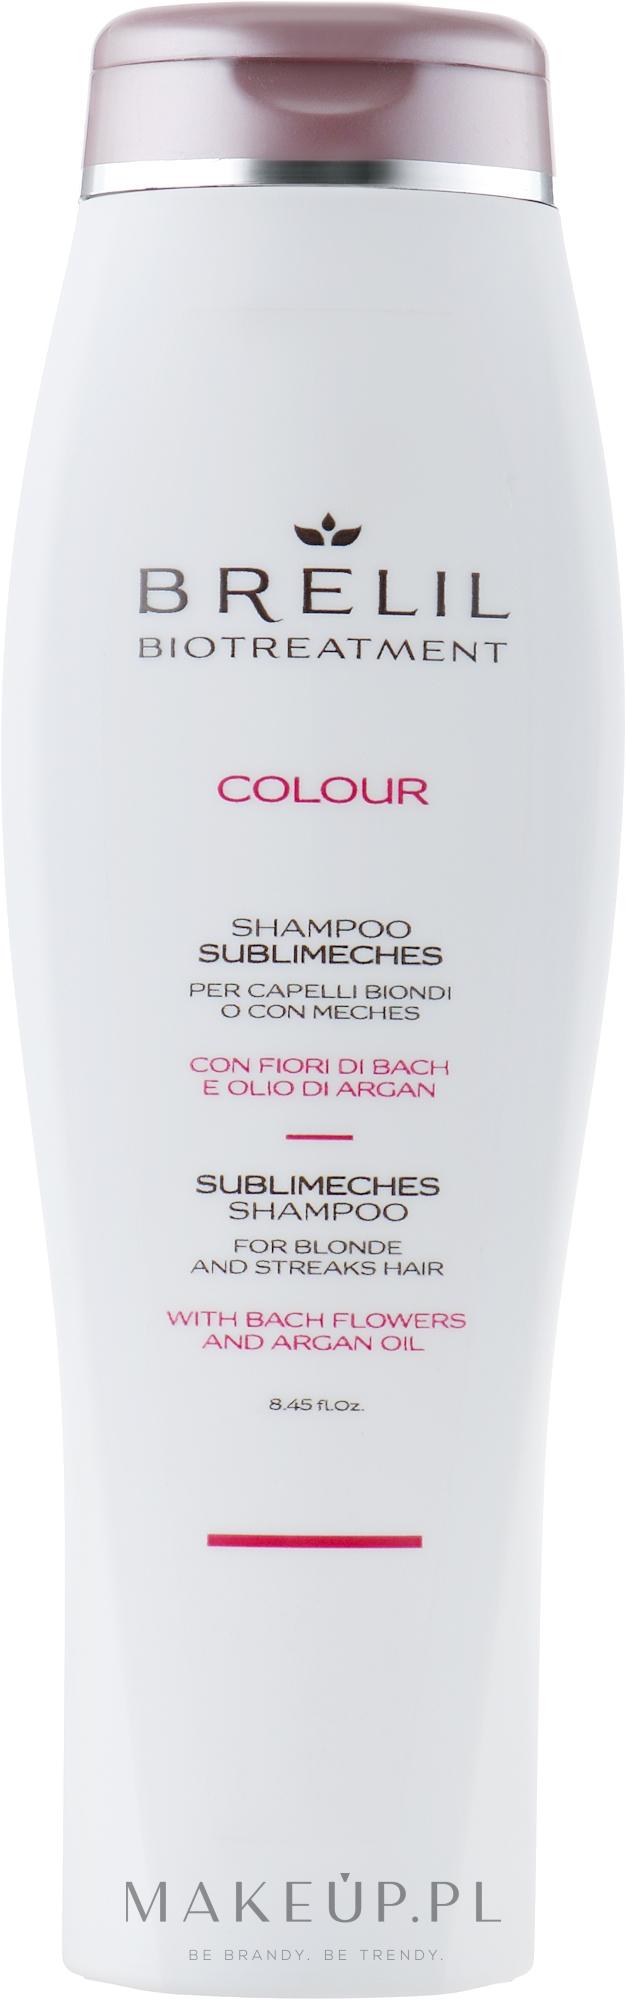 Szampon do neutralizacji żółtych tonów włosów blond i siwych - Brelil Bio Treatment Colour Sublimeches Shampoo For Blonde And Streaks Hair — фото 250 ml